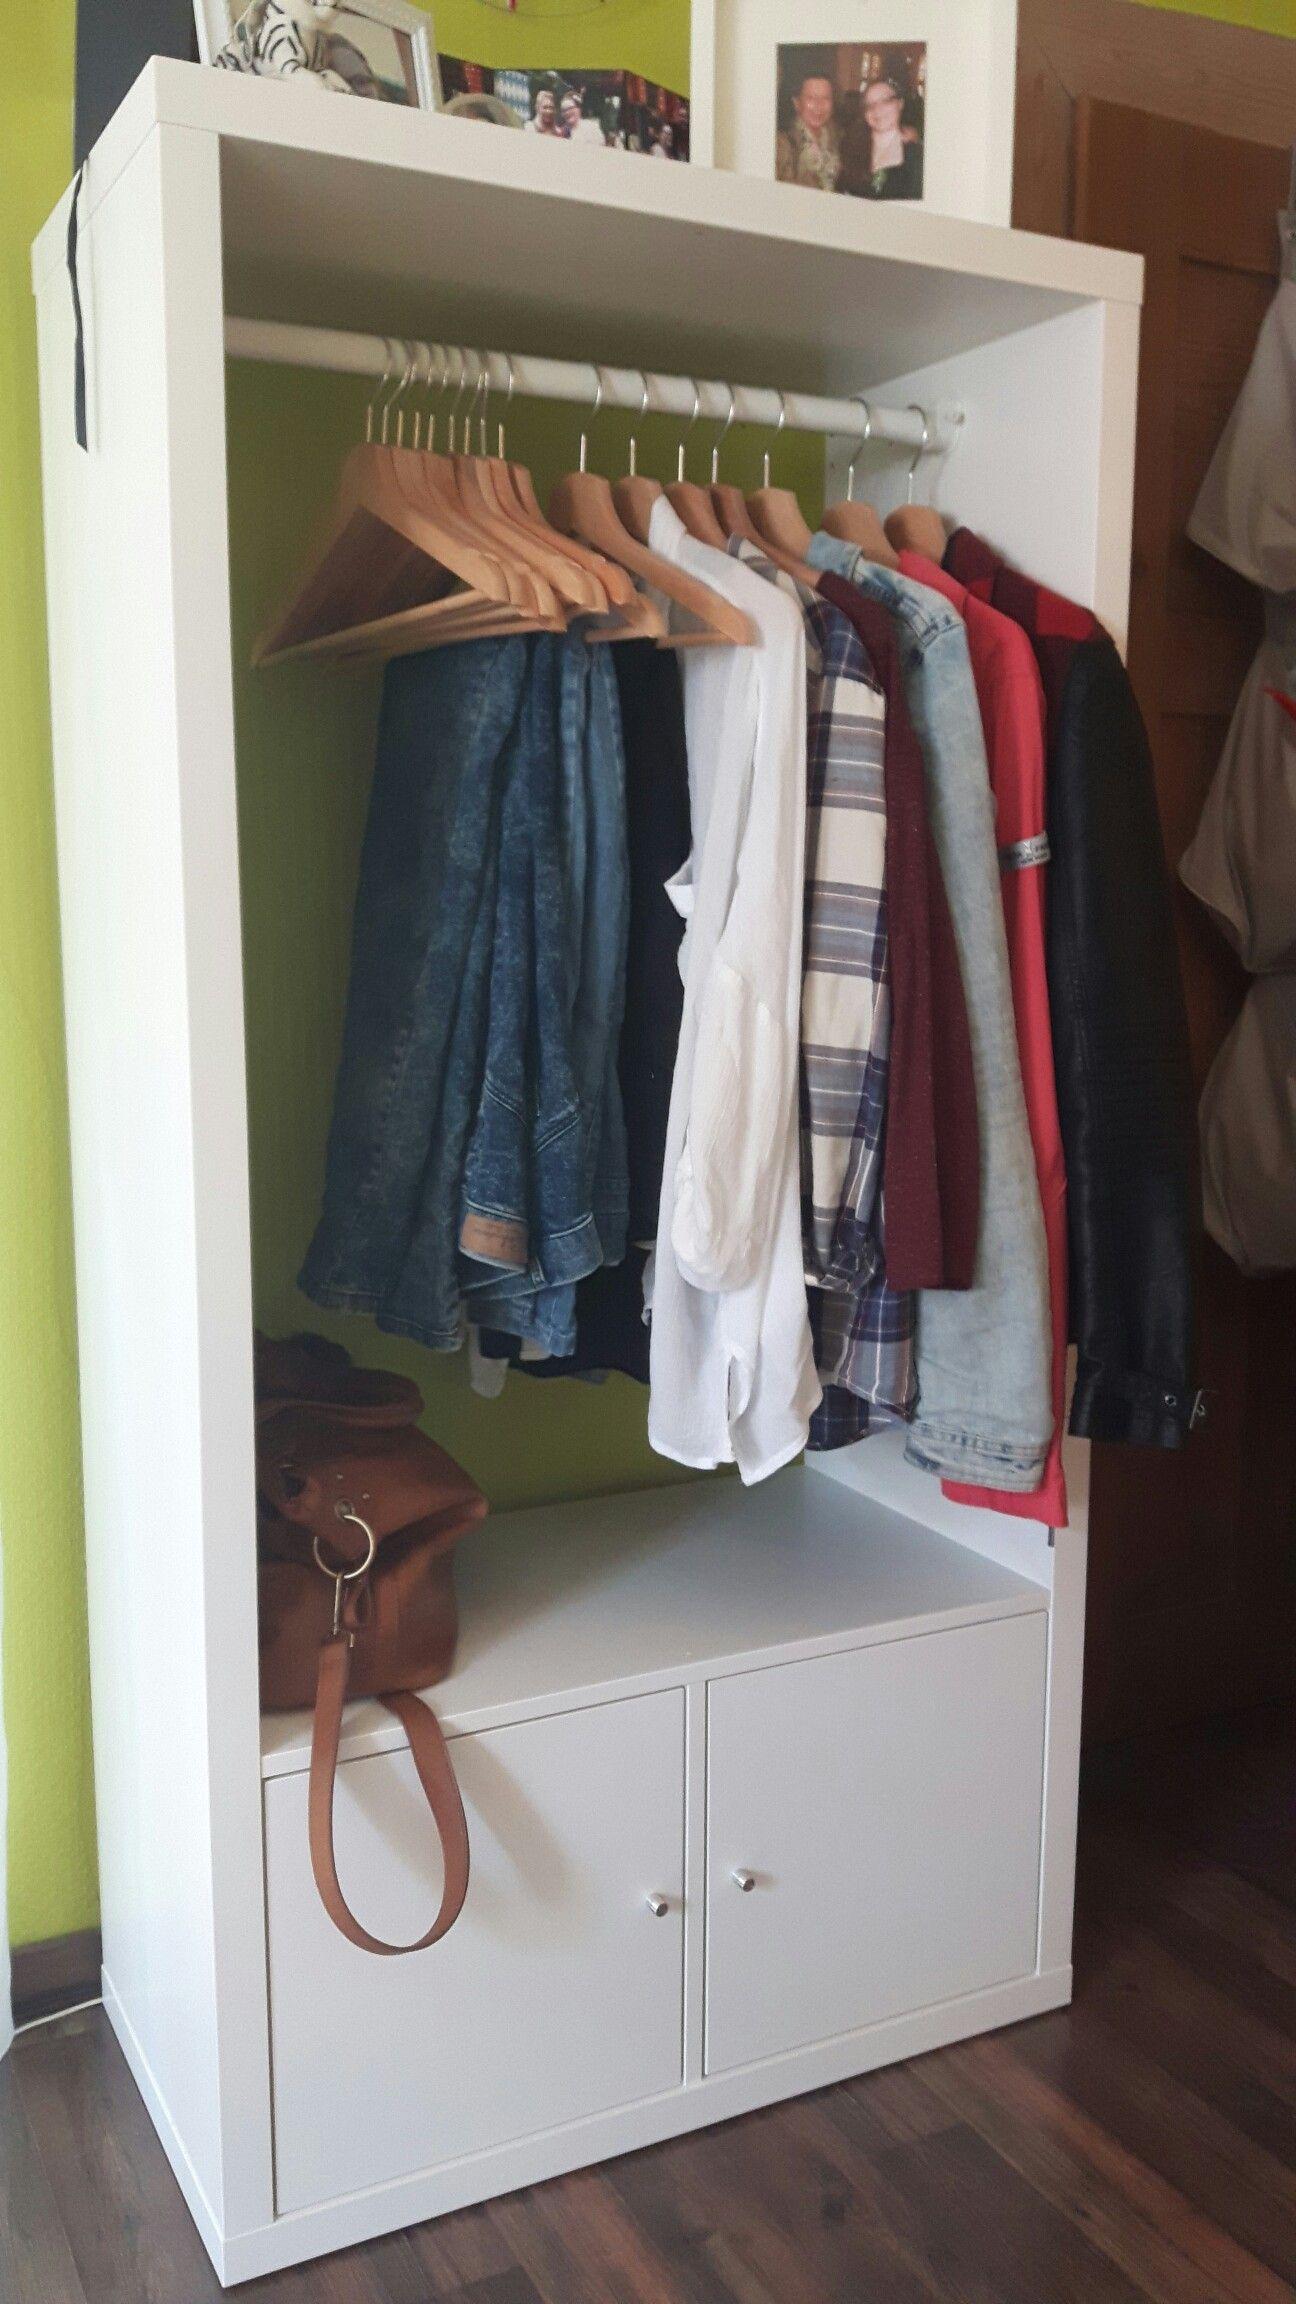 Aus Einem Kallax Wird Eine Garderobe Diy Kallax Ikea Garderobe Garderobe Ikea Ikea Garderoben Ideen Garderobe Diy